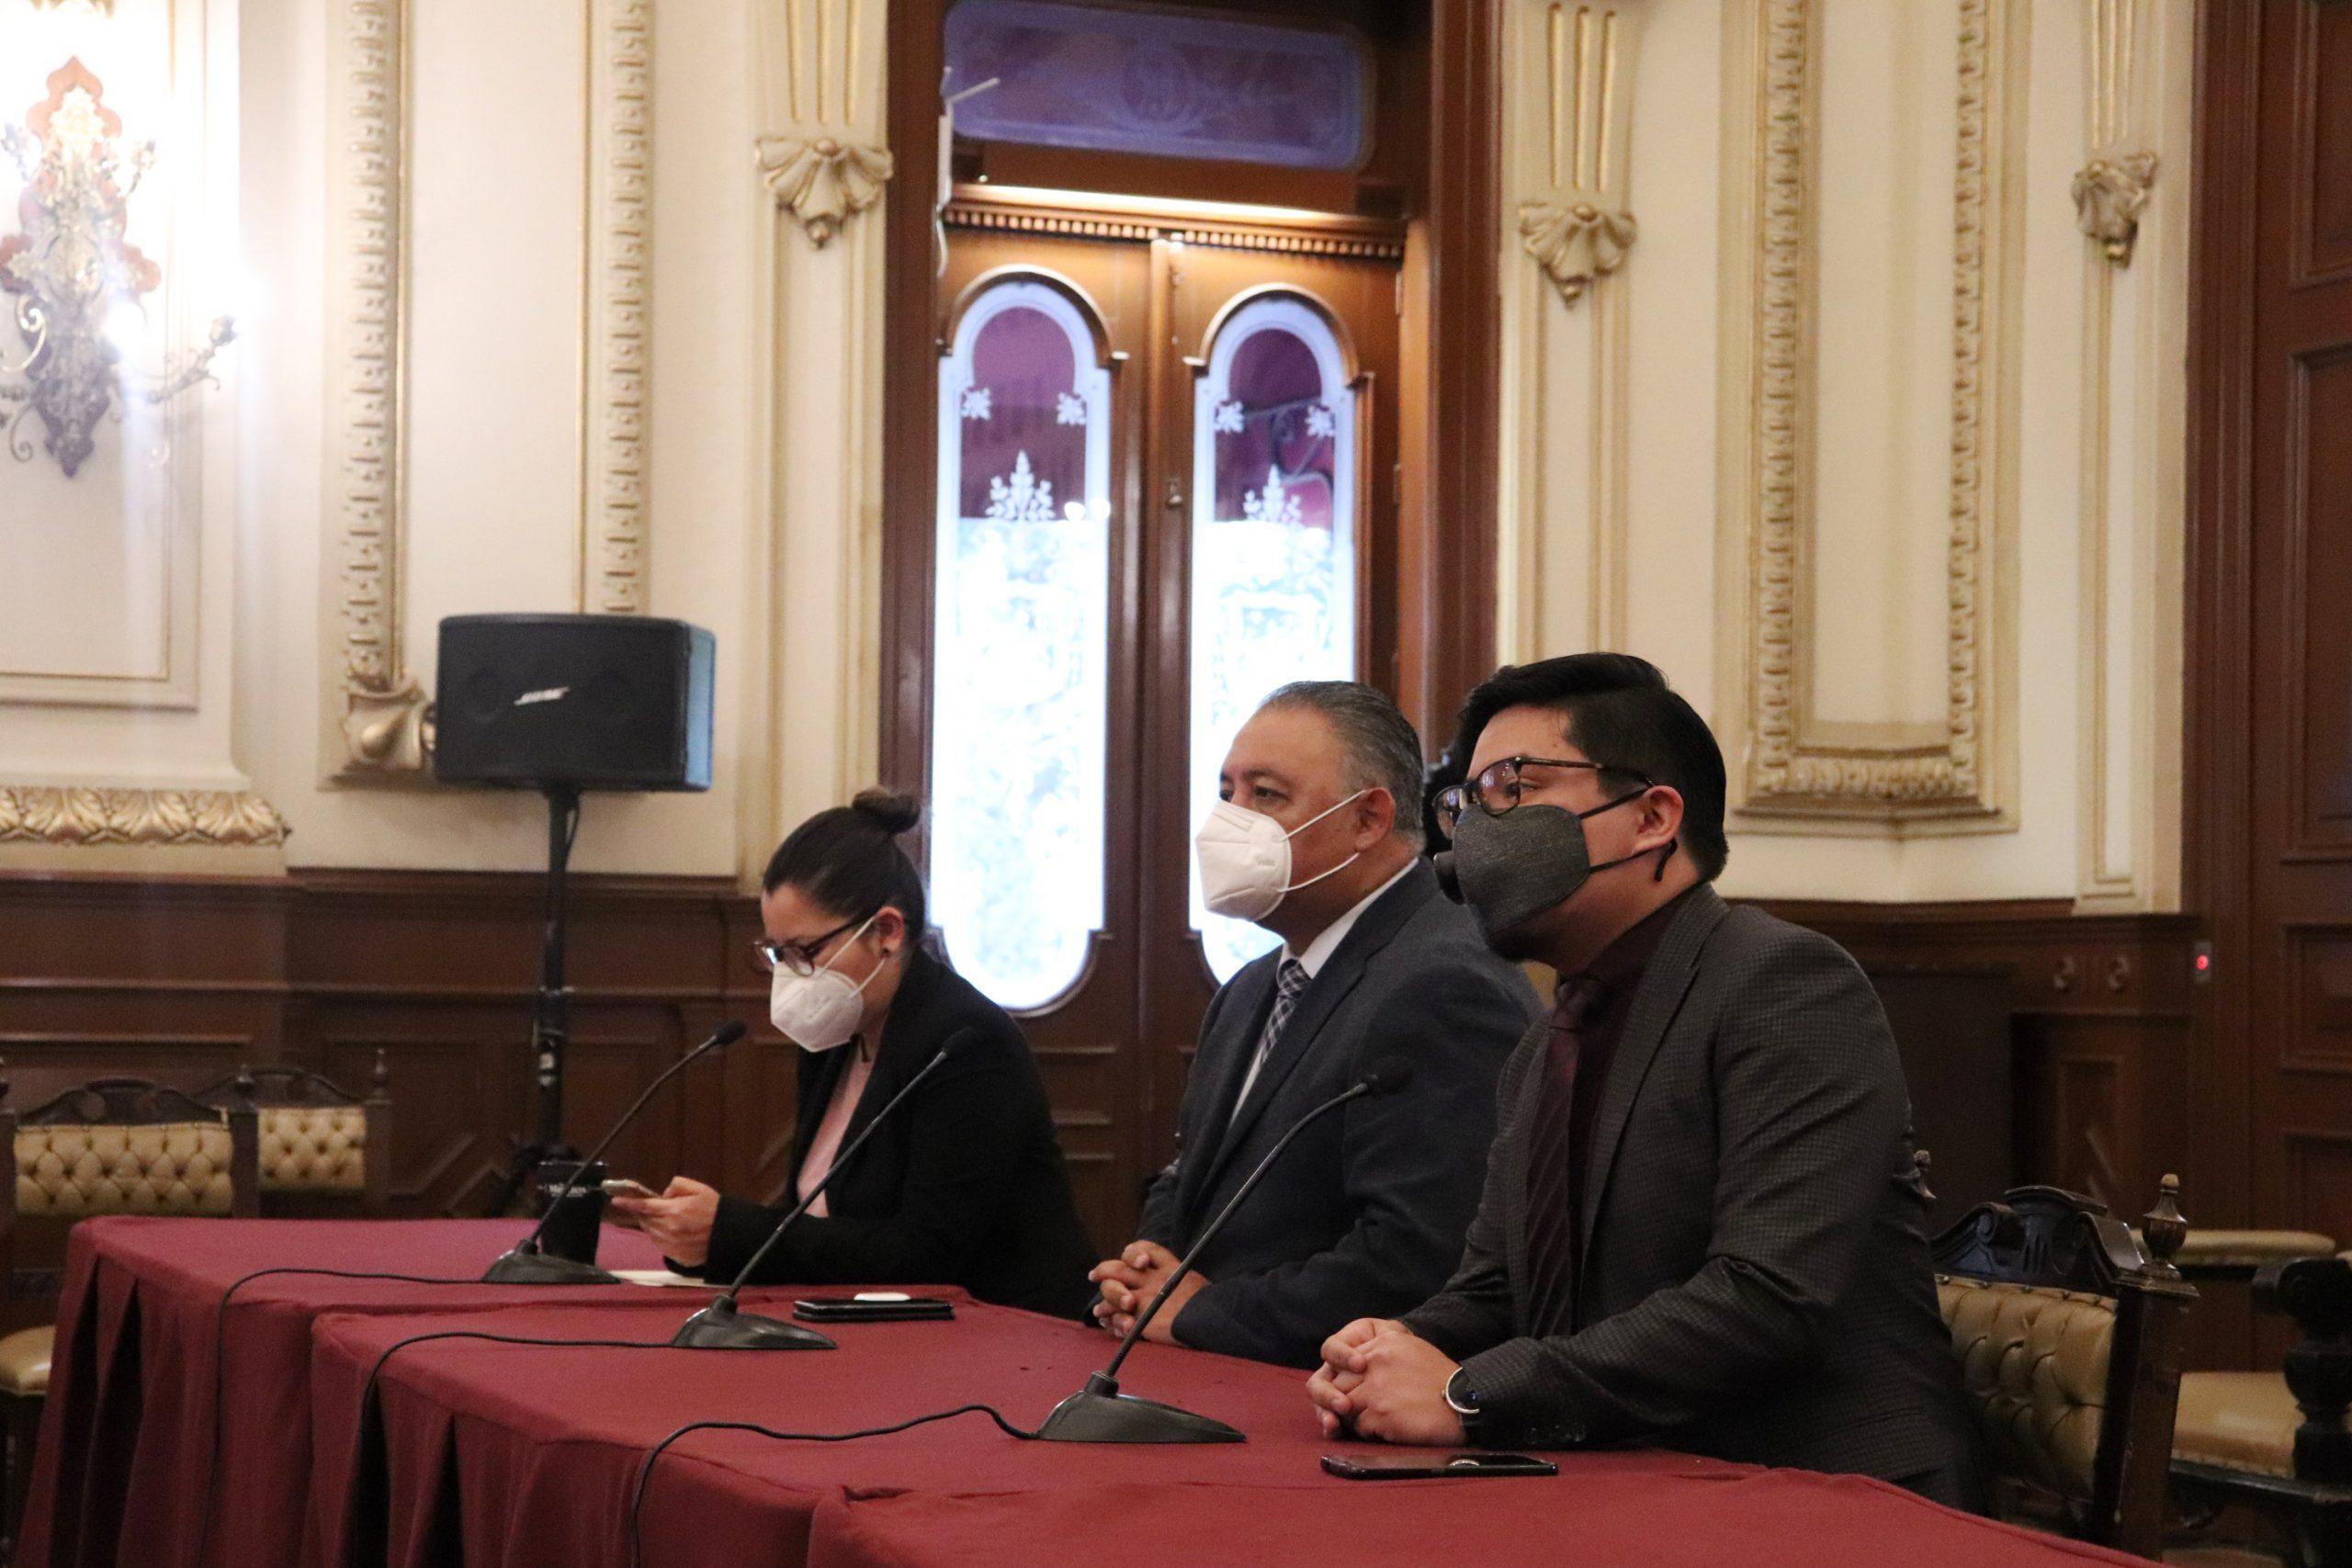 ASE no ha notificado al Ayuntamiento sobre alguna investigación: Damián Romero